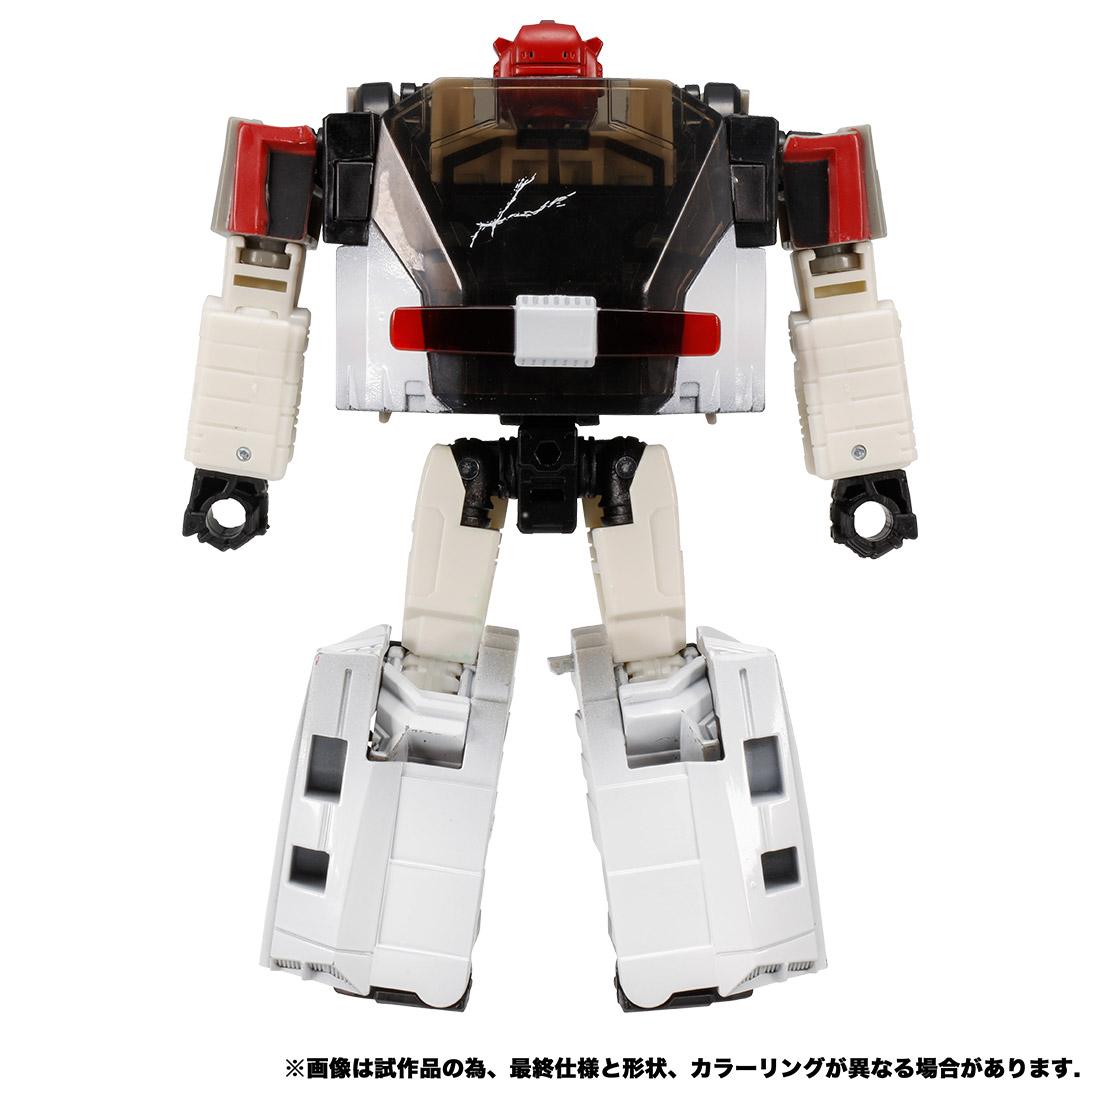 トランスフォーマー ウォーフォーサイバトロン『WFC-13 レッドアラート』可変可動フィギュア-005